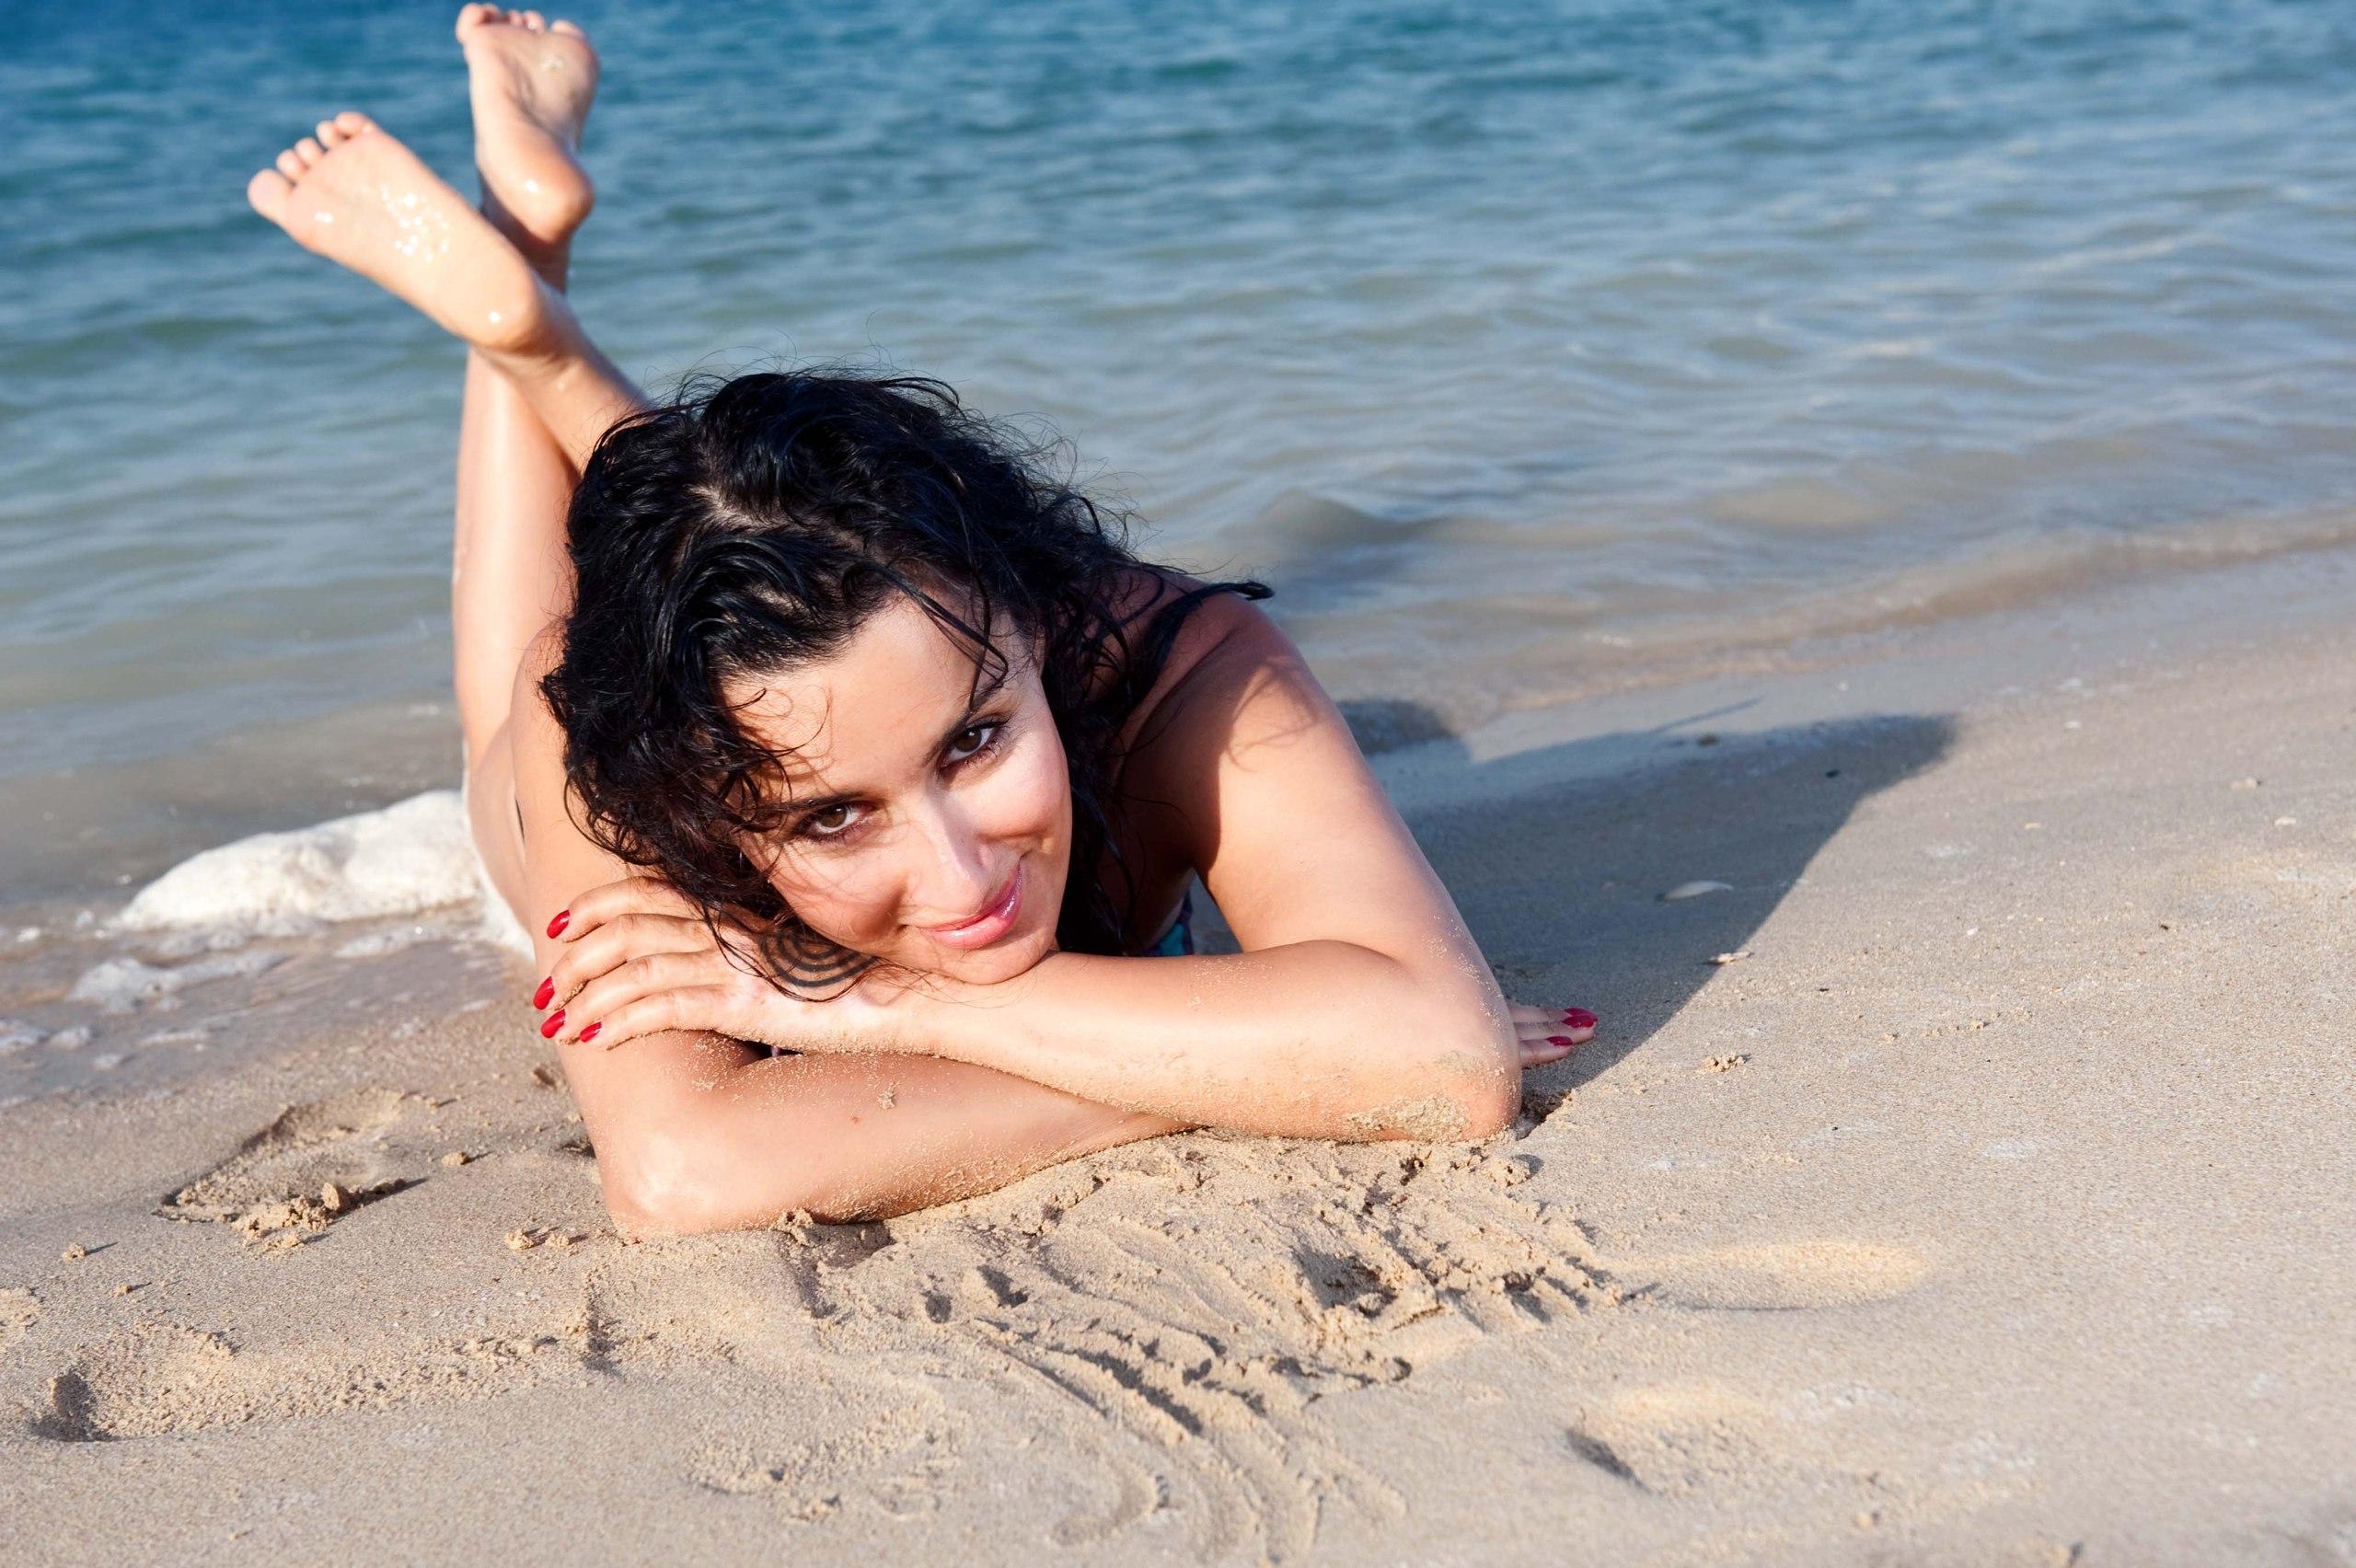 Развлечения голых девочек на курортах 6 фотография